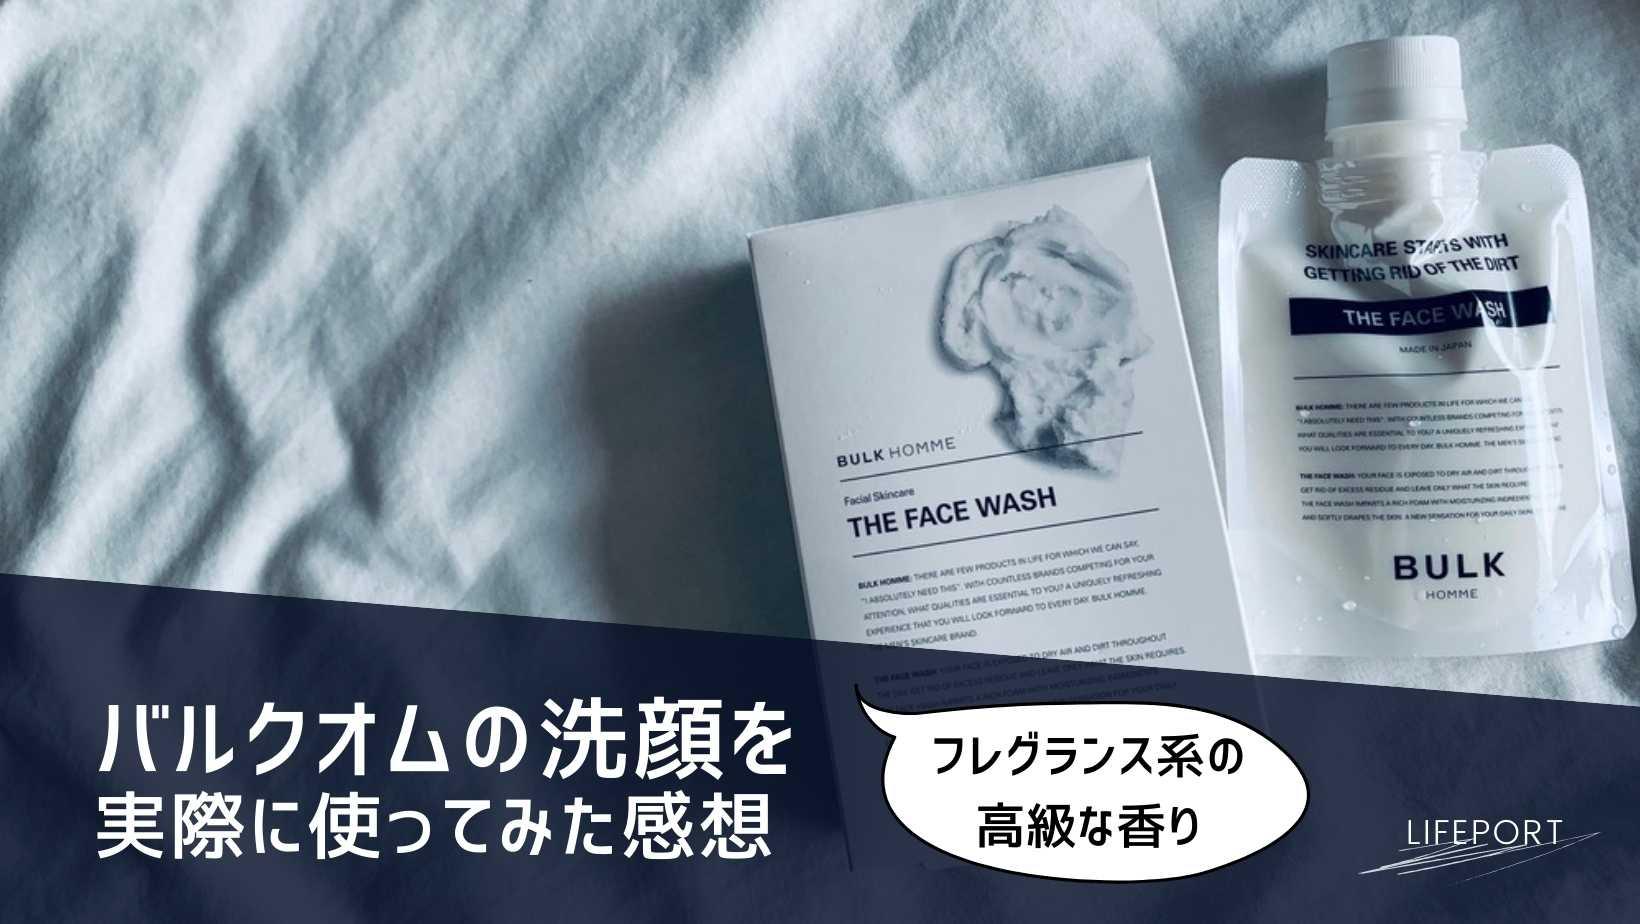 【レビュー】バルクオムの洗顔を30代男性が使用した感想|香水の香りとふわふわの濃厚泡で癒しの洗顔